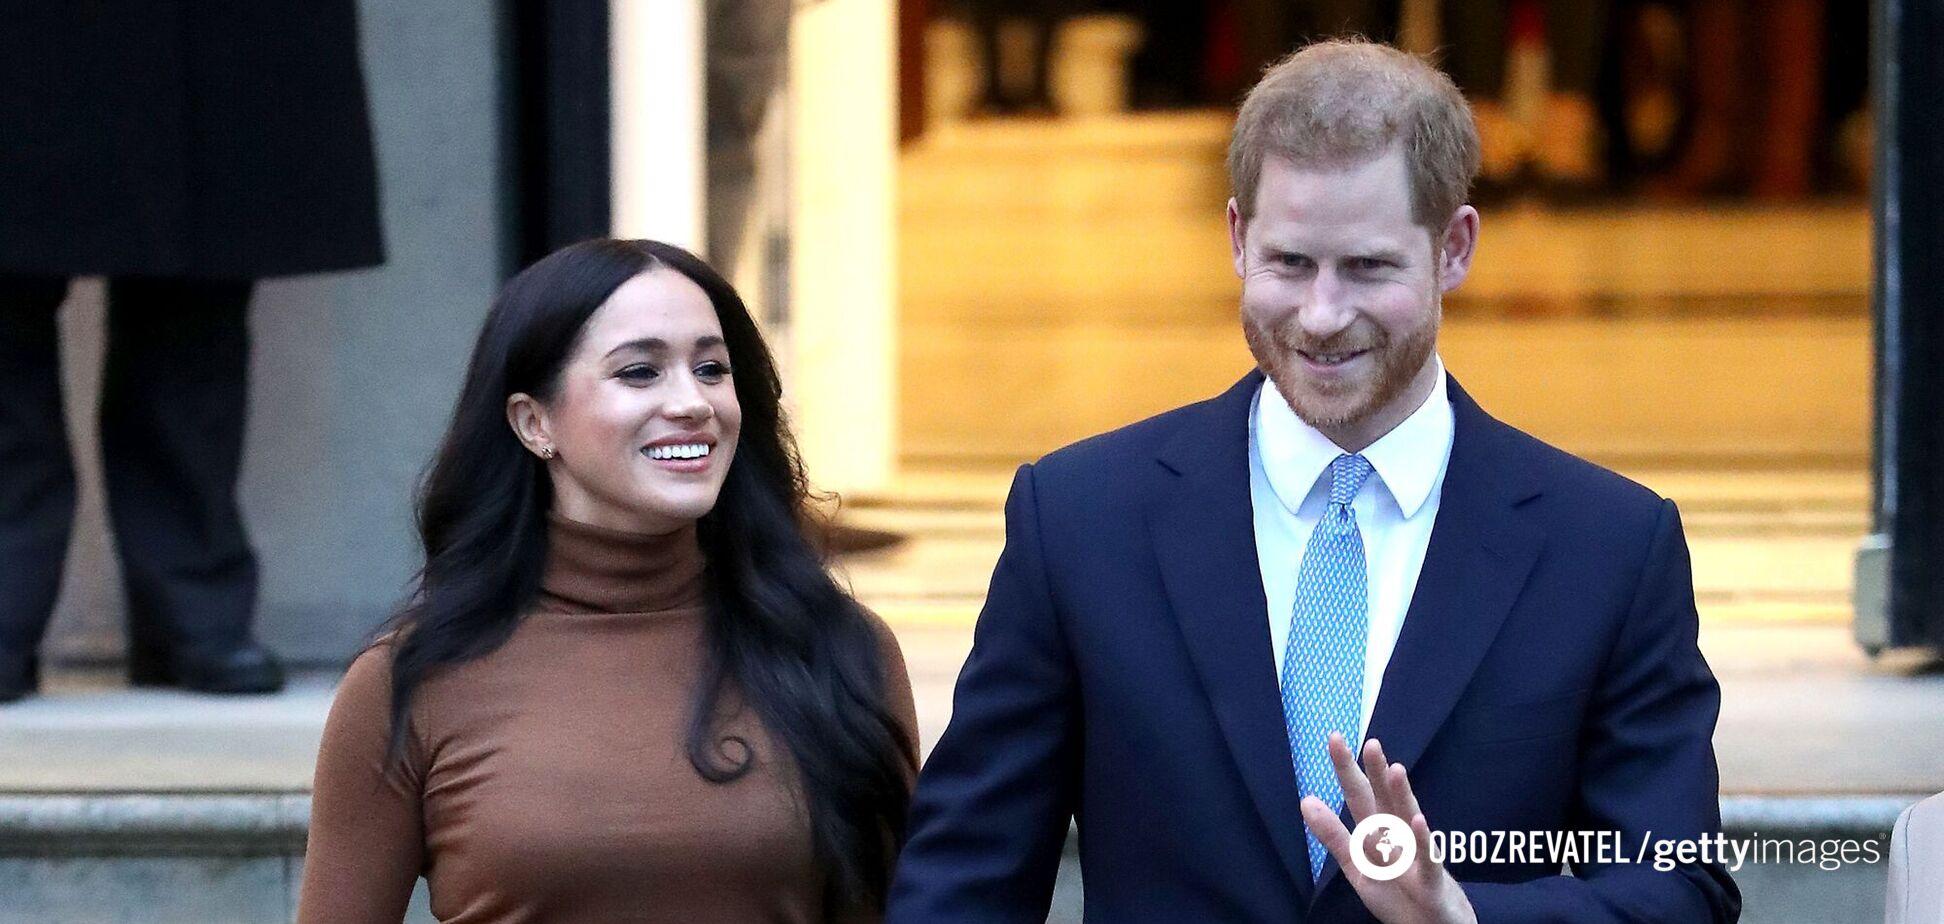 Опубліковано перші фото зі зйомок фільму про принца Гаррі і Меган Маркл